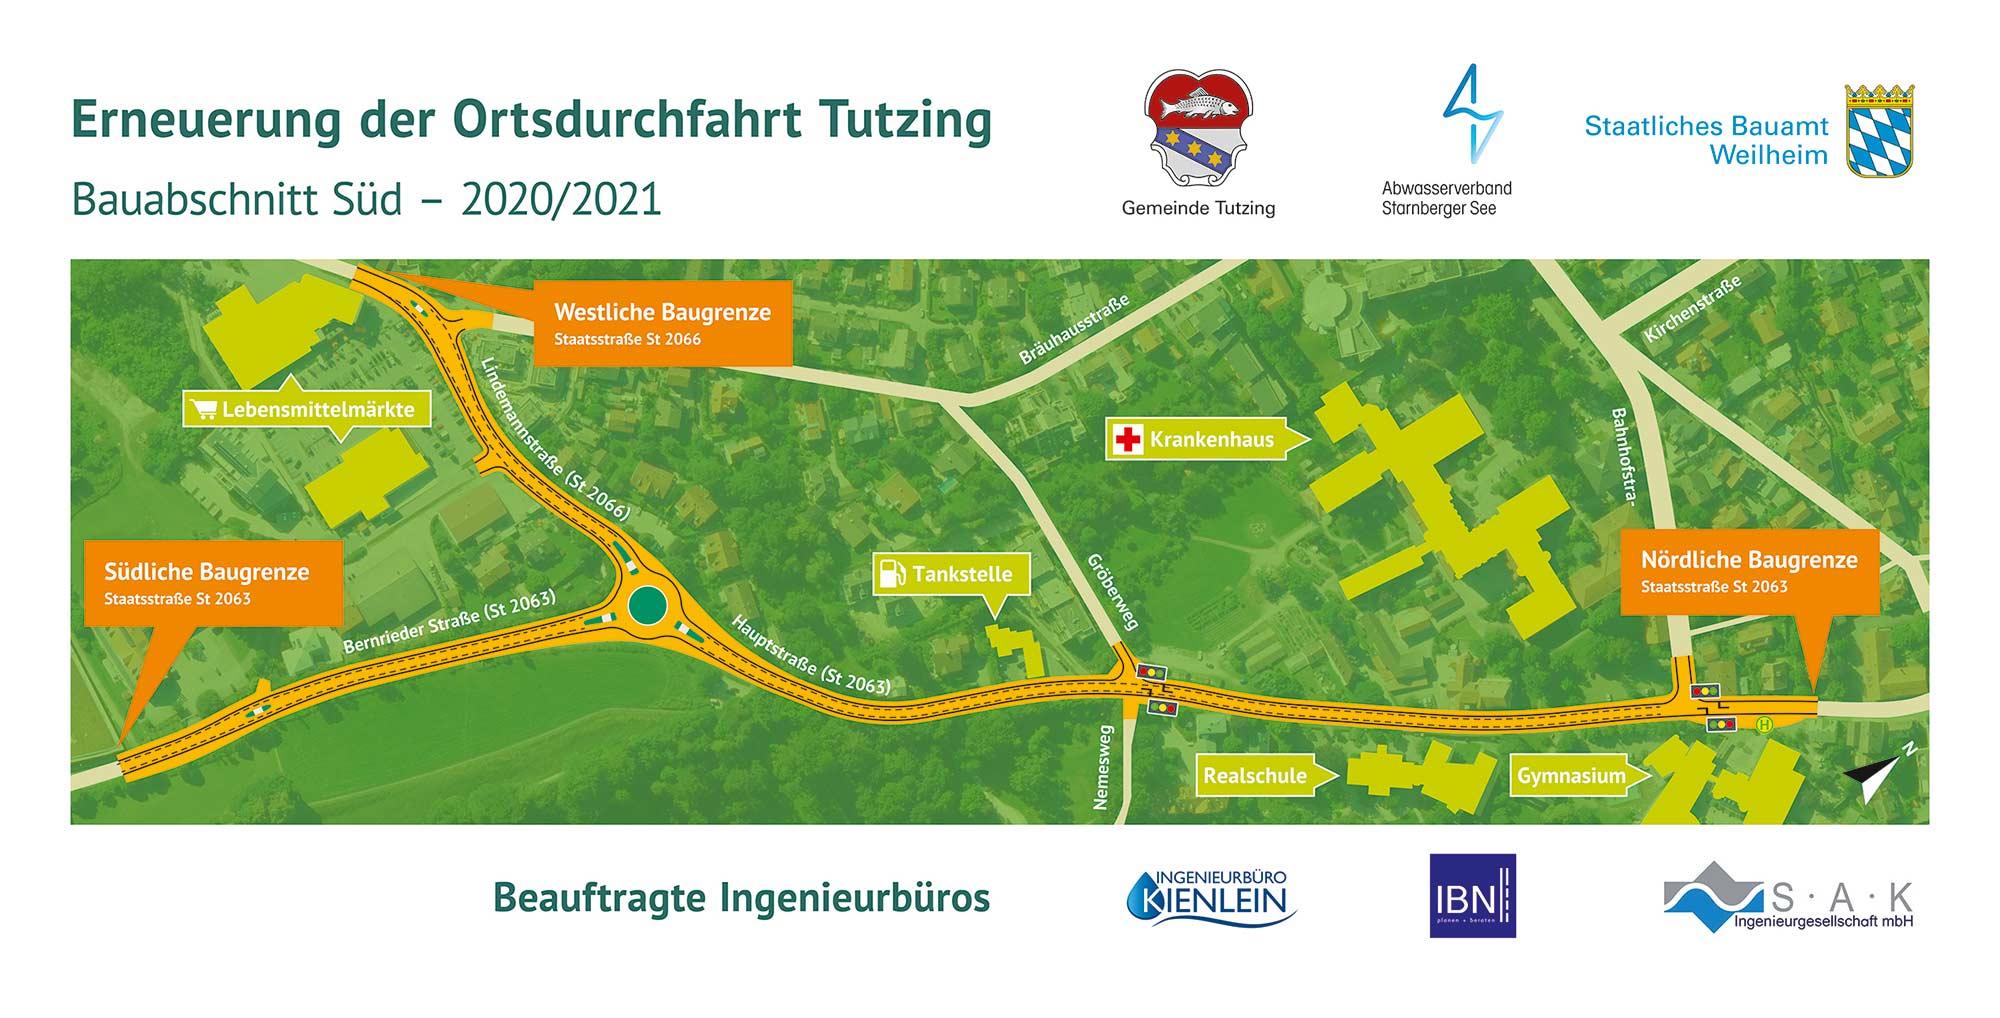 StBAWM-OD-Tutzing-Bauabschnitt-Sued-Banner-mit-Lageplan